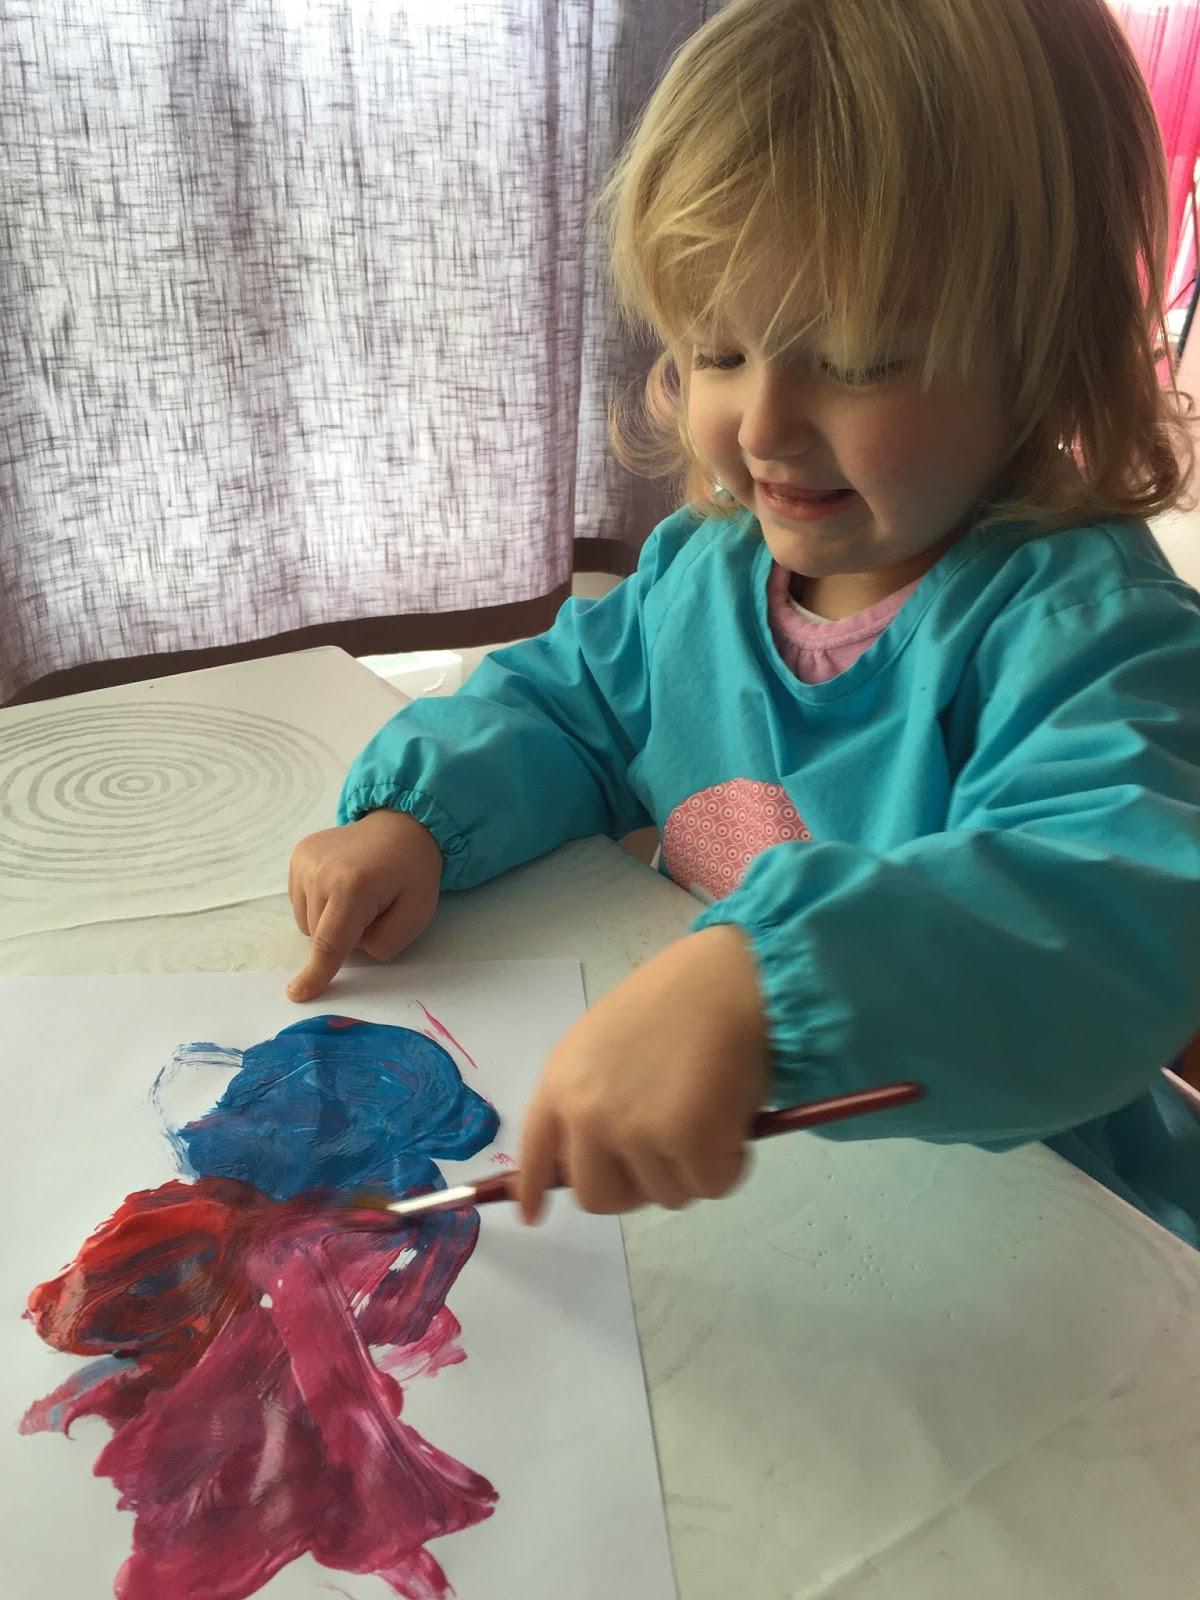 idée d'activité : le cadeau pour la fête de mamie - un bébé, ça